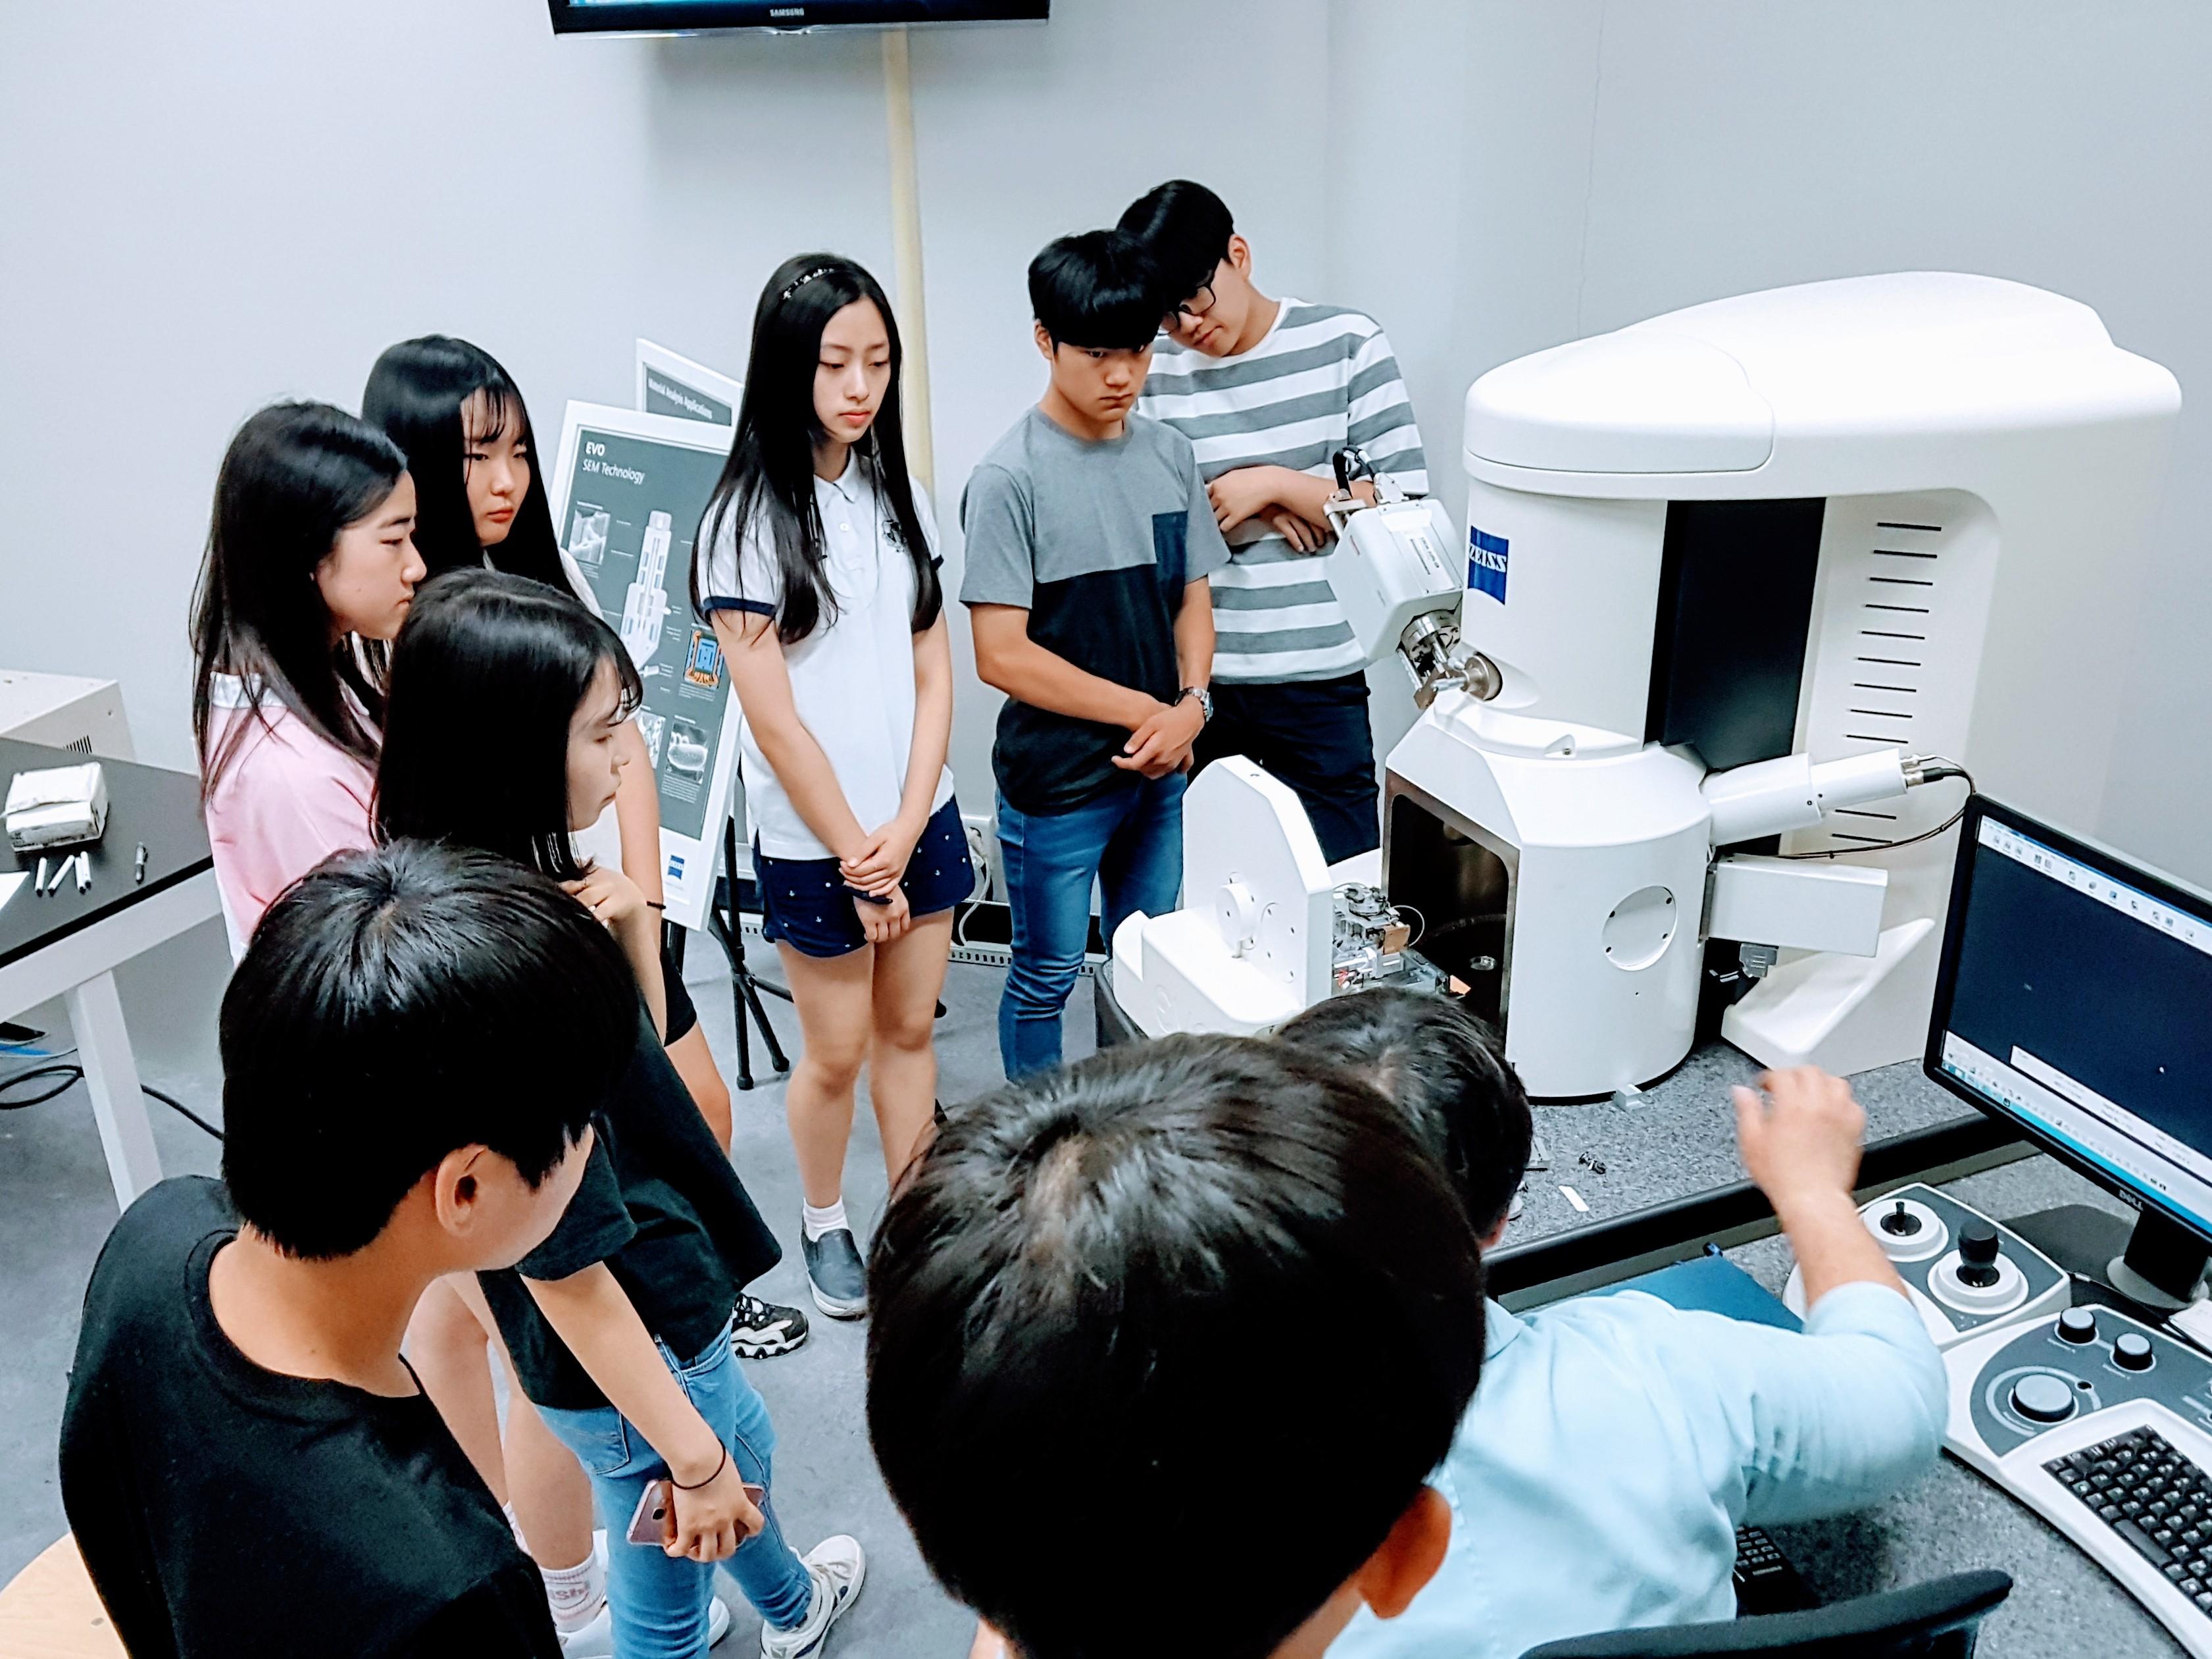 [일반] (과동)KAIST science outreach program 참가의 첨부이미지 3